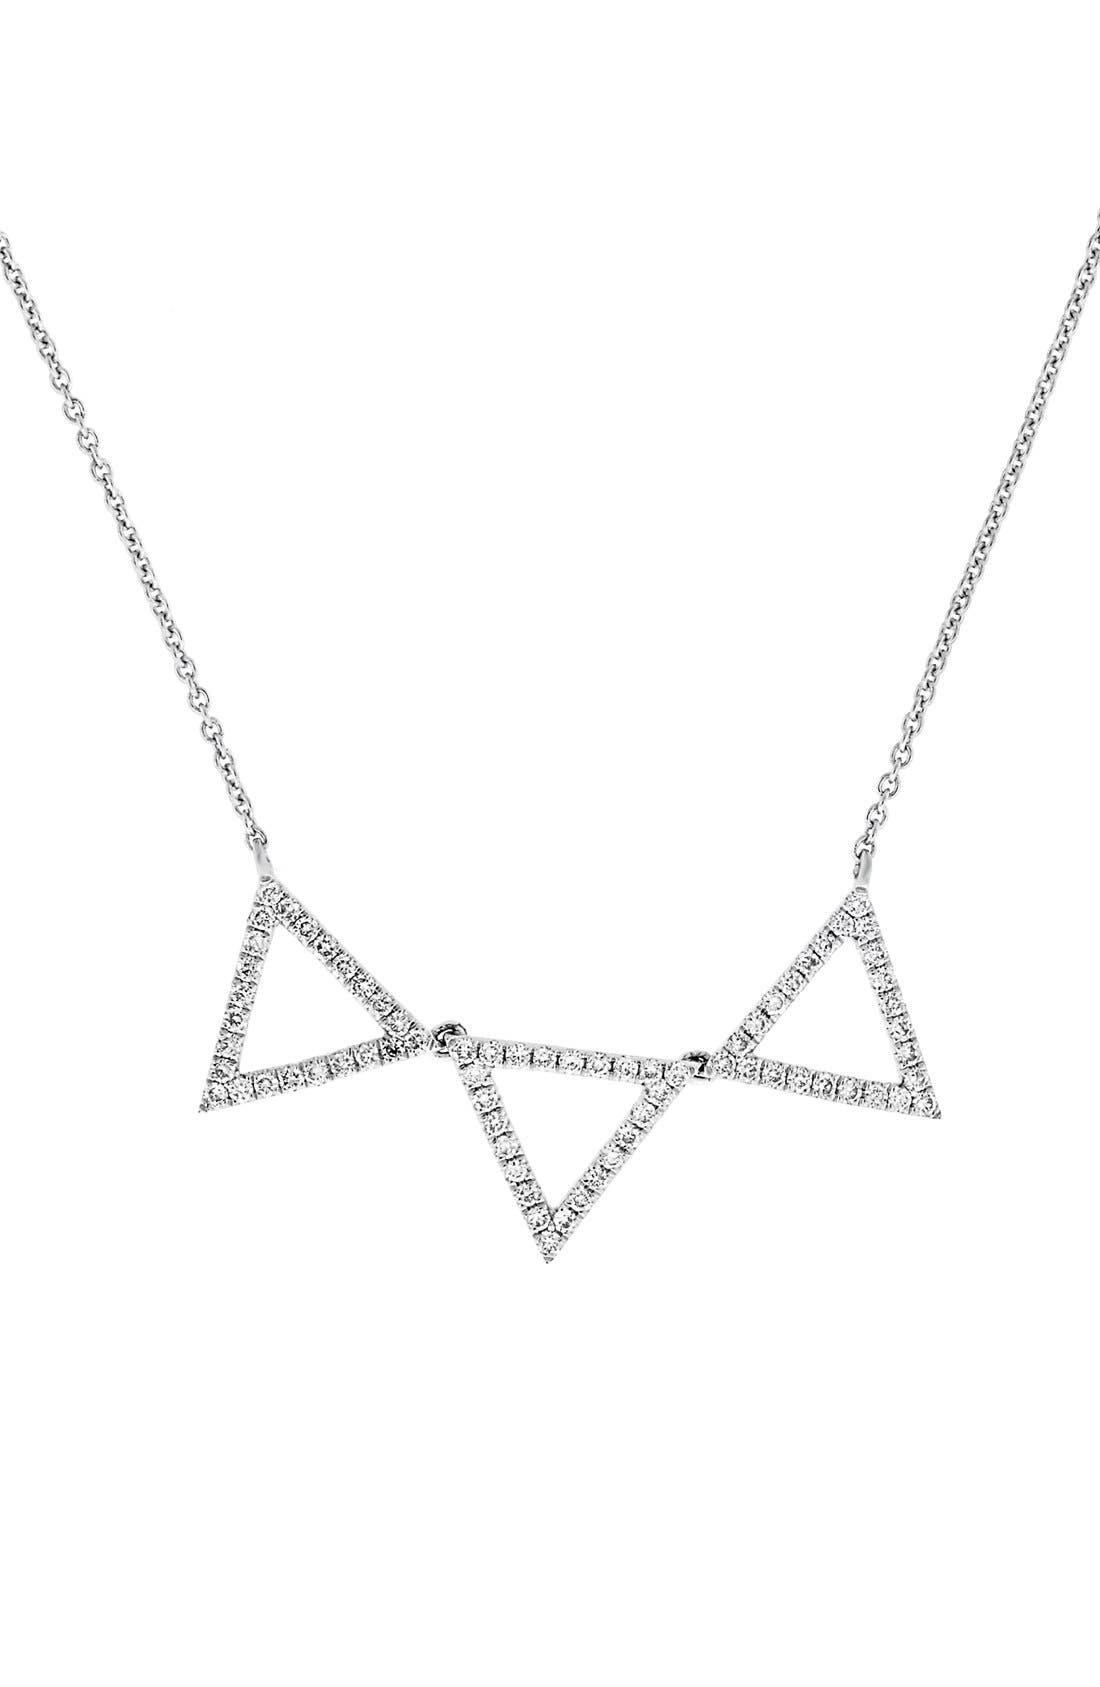 Three Triangle Diamond Pendant Necklace,                         Main,                         color, WHITE GOLD